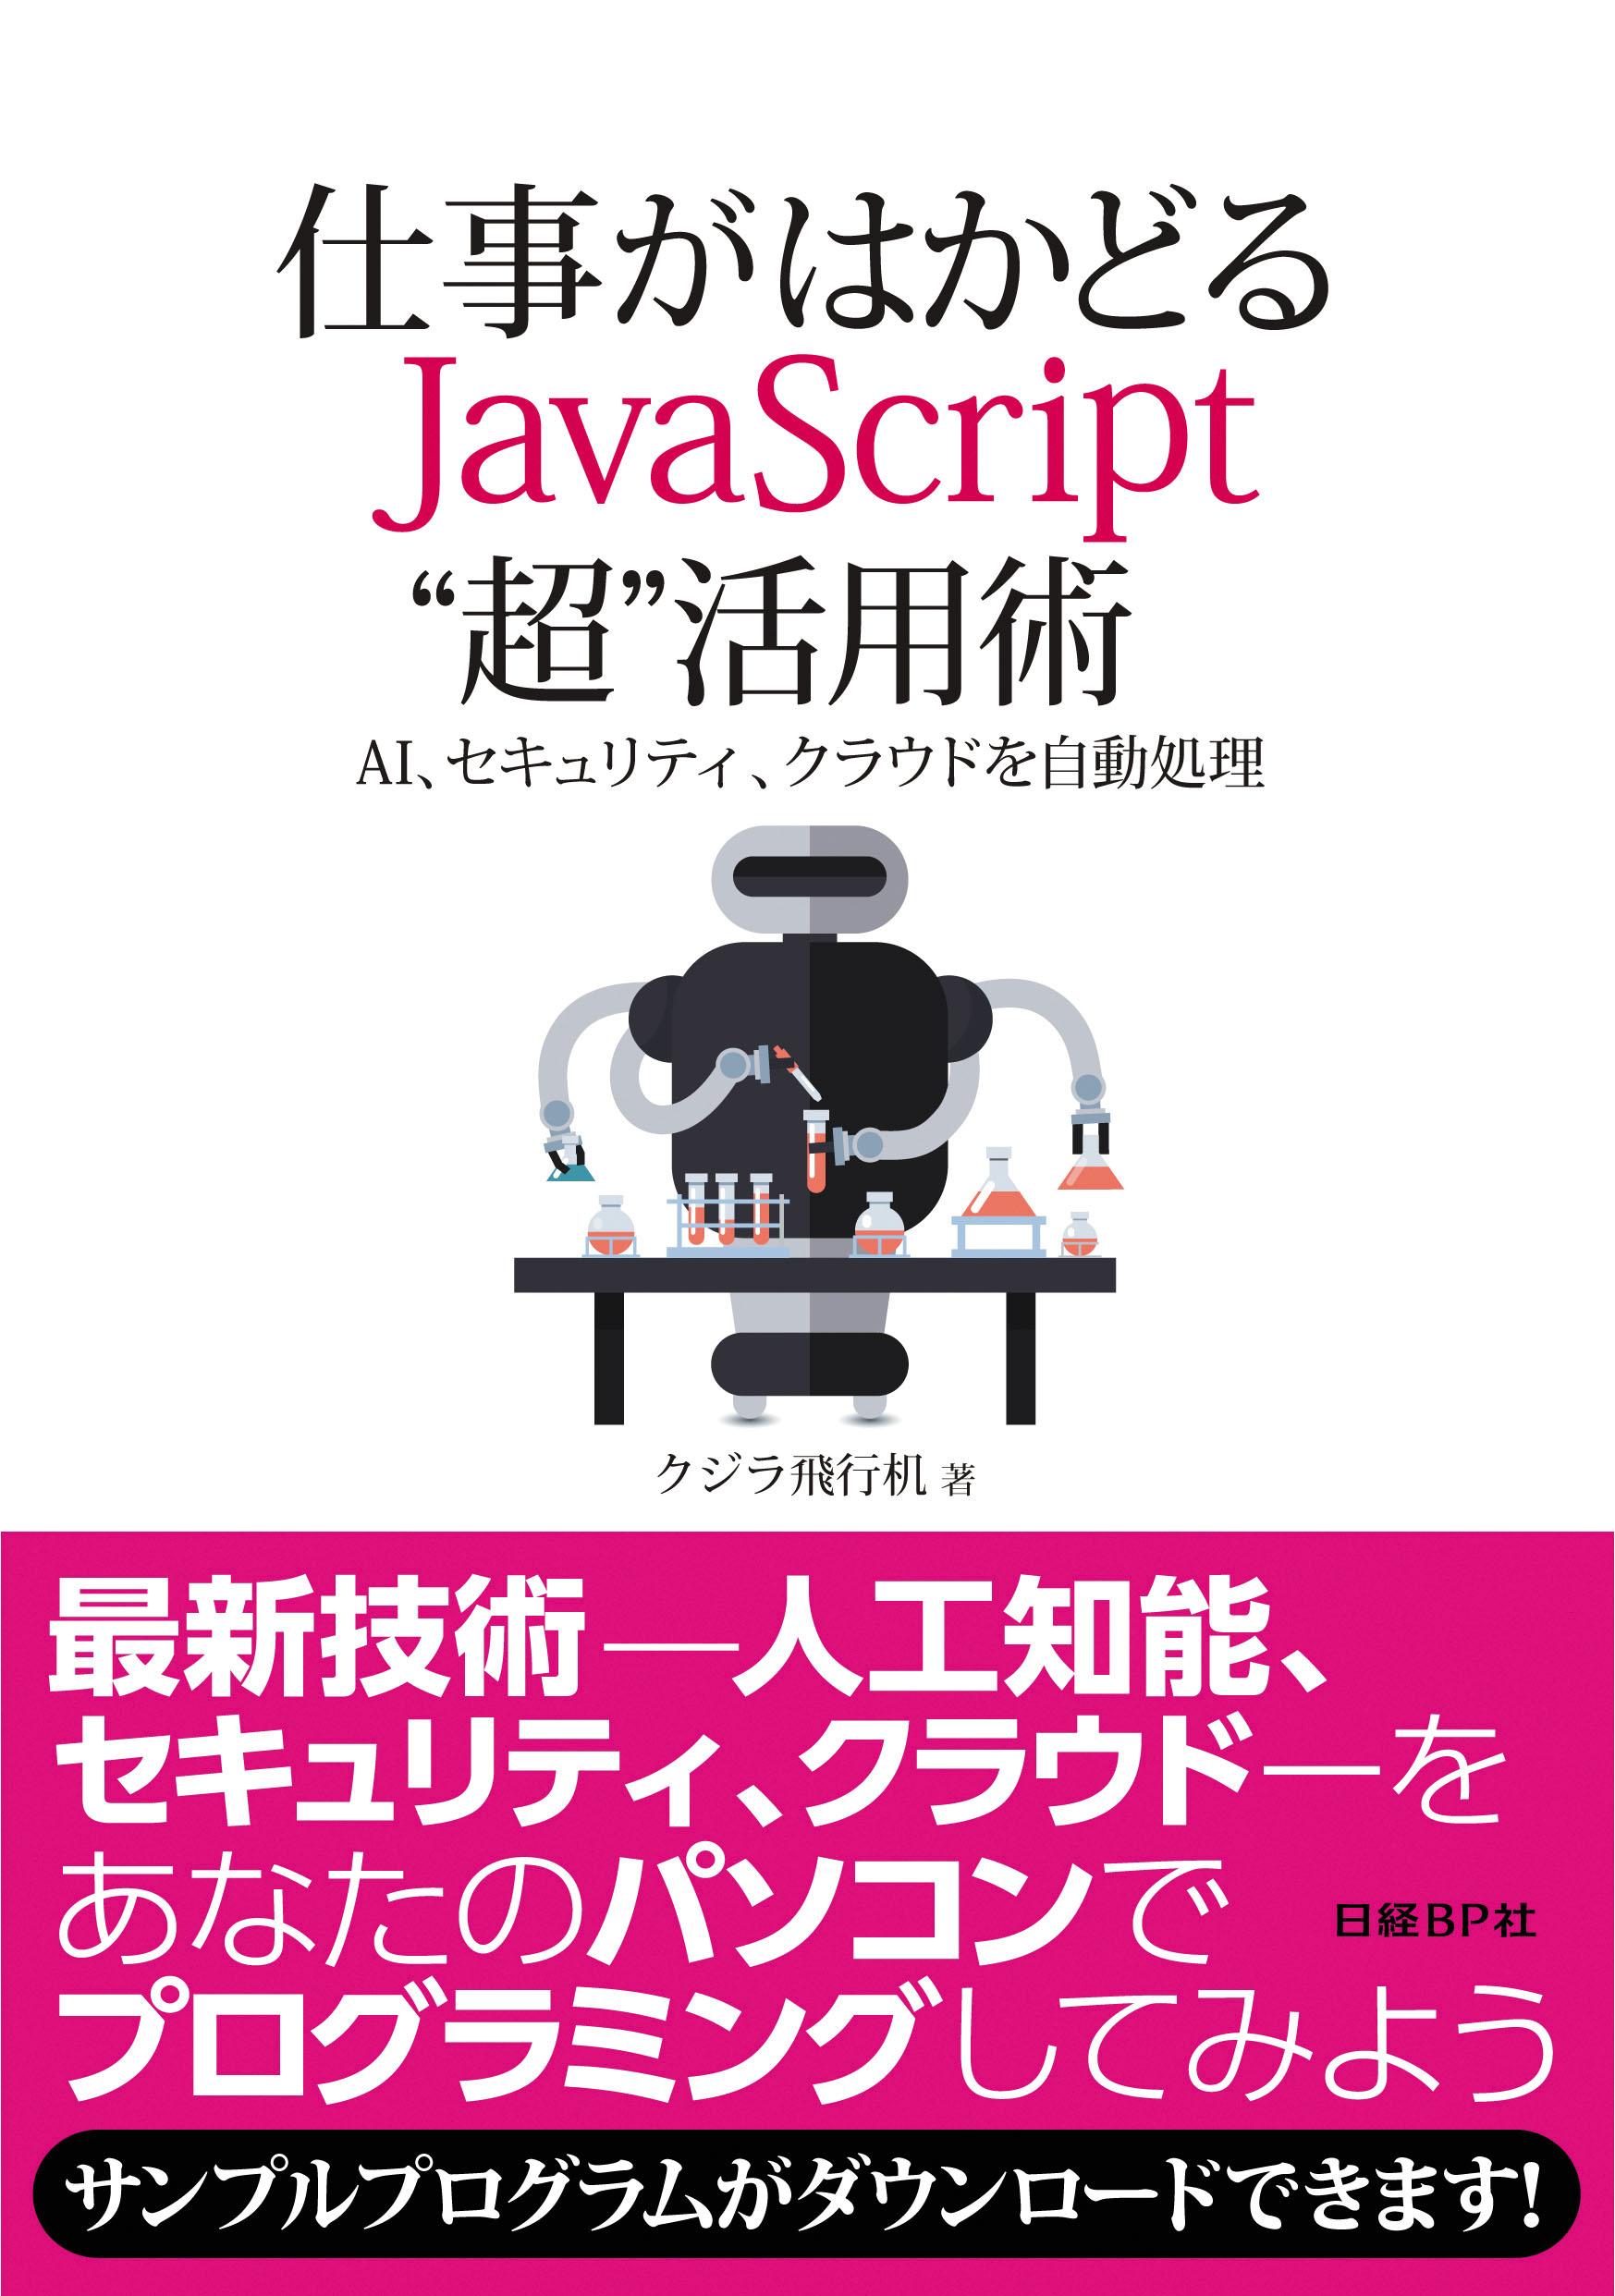 """仕事がはかどる JavaScript""""超""""活用術"""